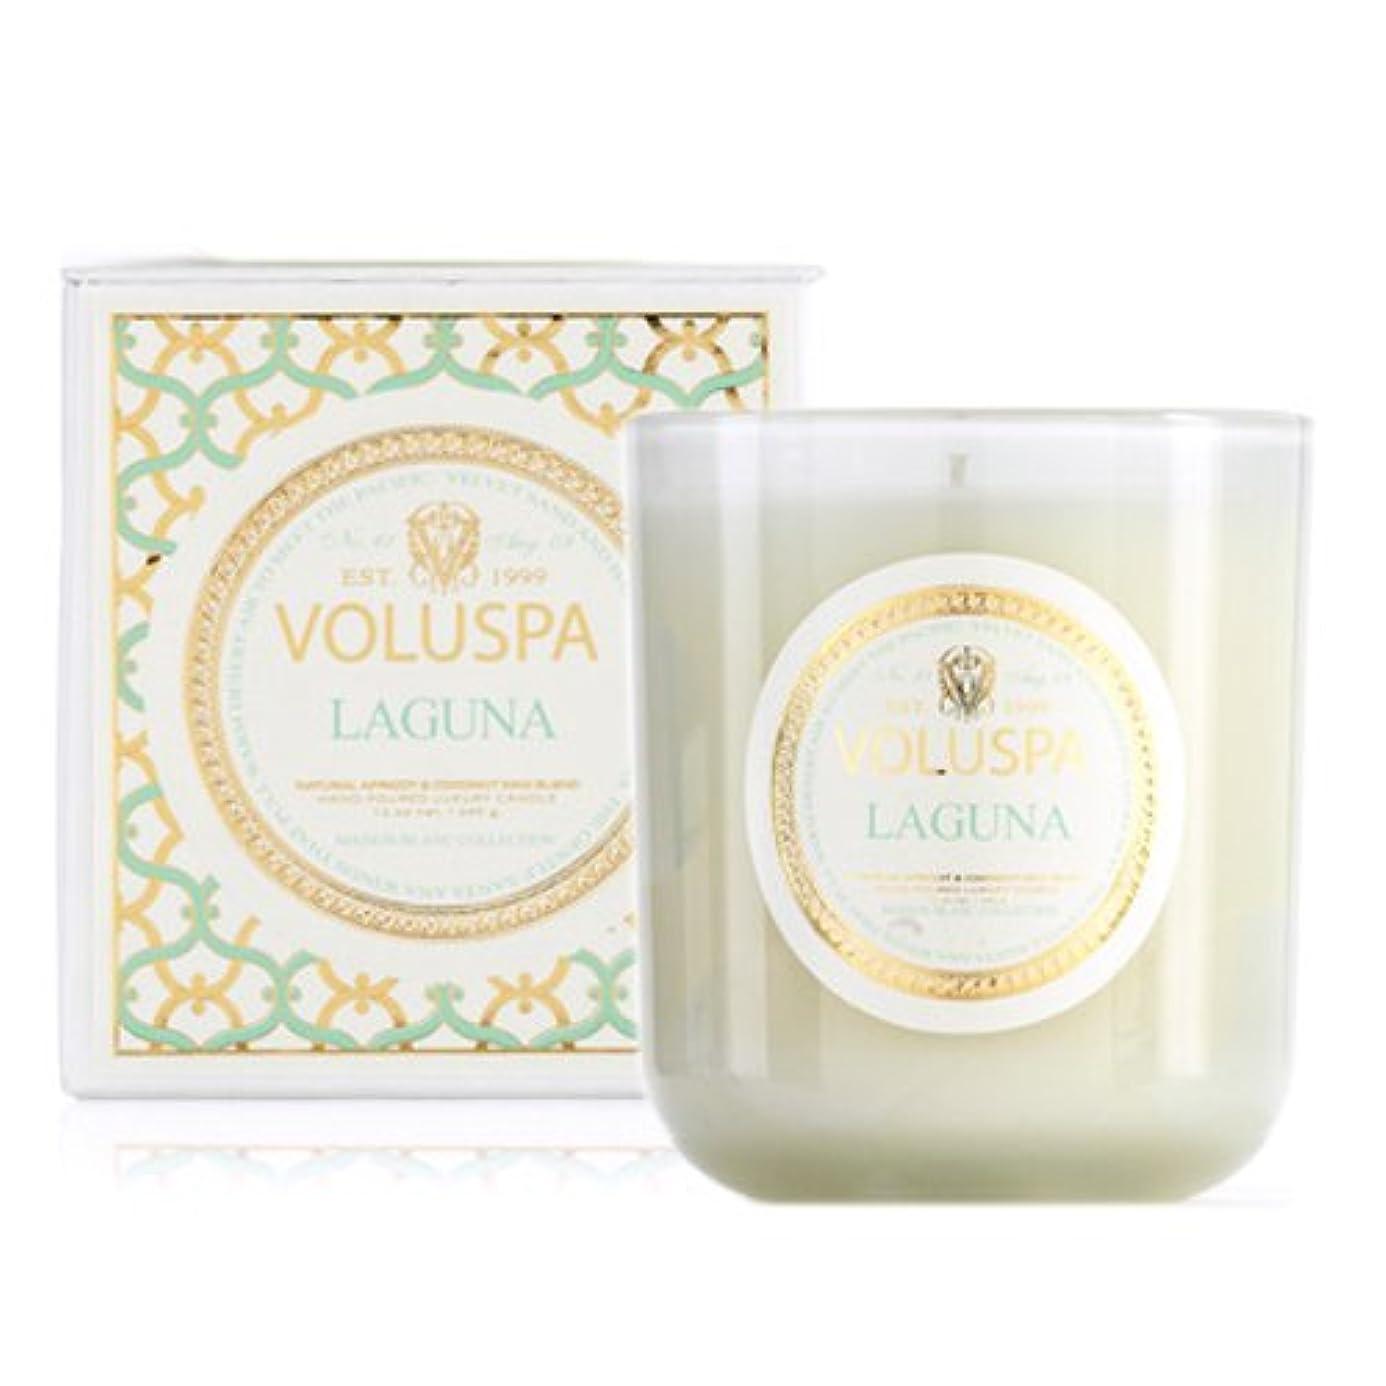 メジャー賠償無条件Voluspa ボルスパ メゾンブラン ボックス入りグラスキャンドル ラグナ MAISON BLANC Box Glass Candle LAGUNA